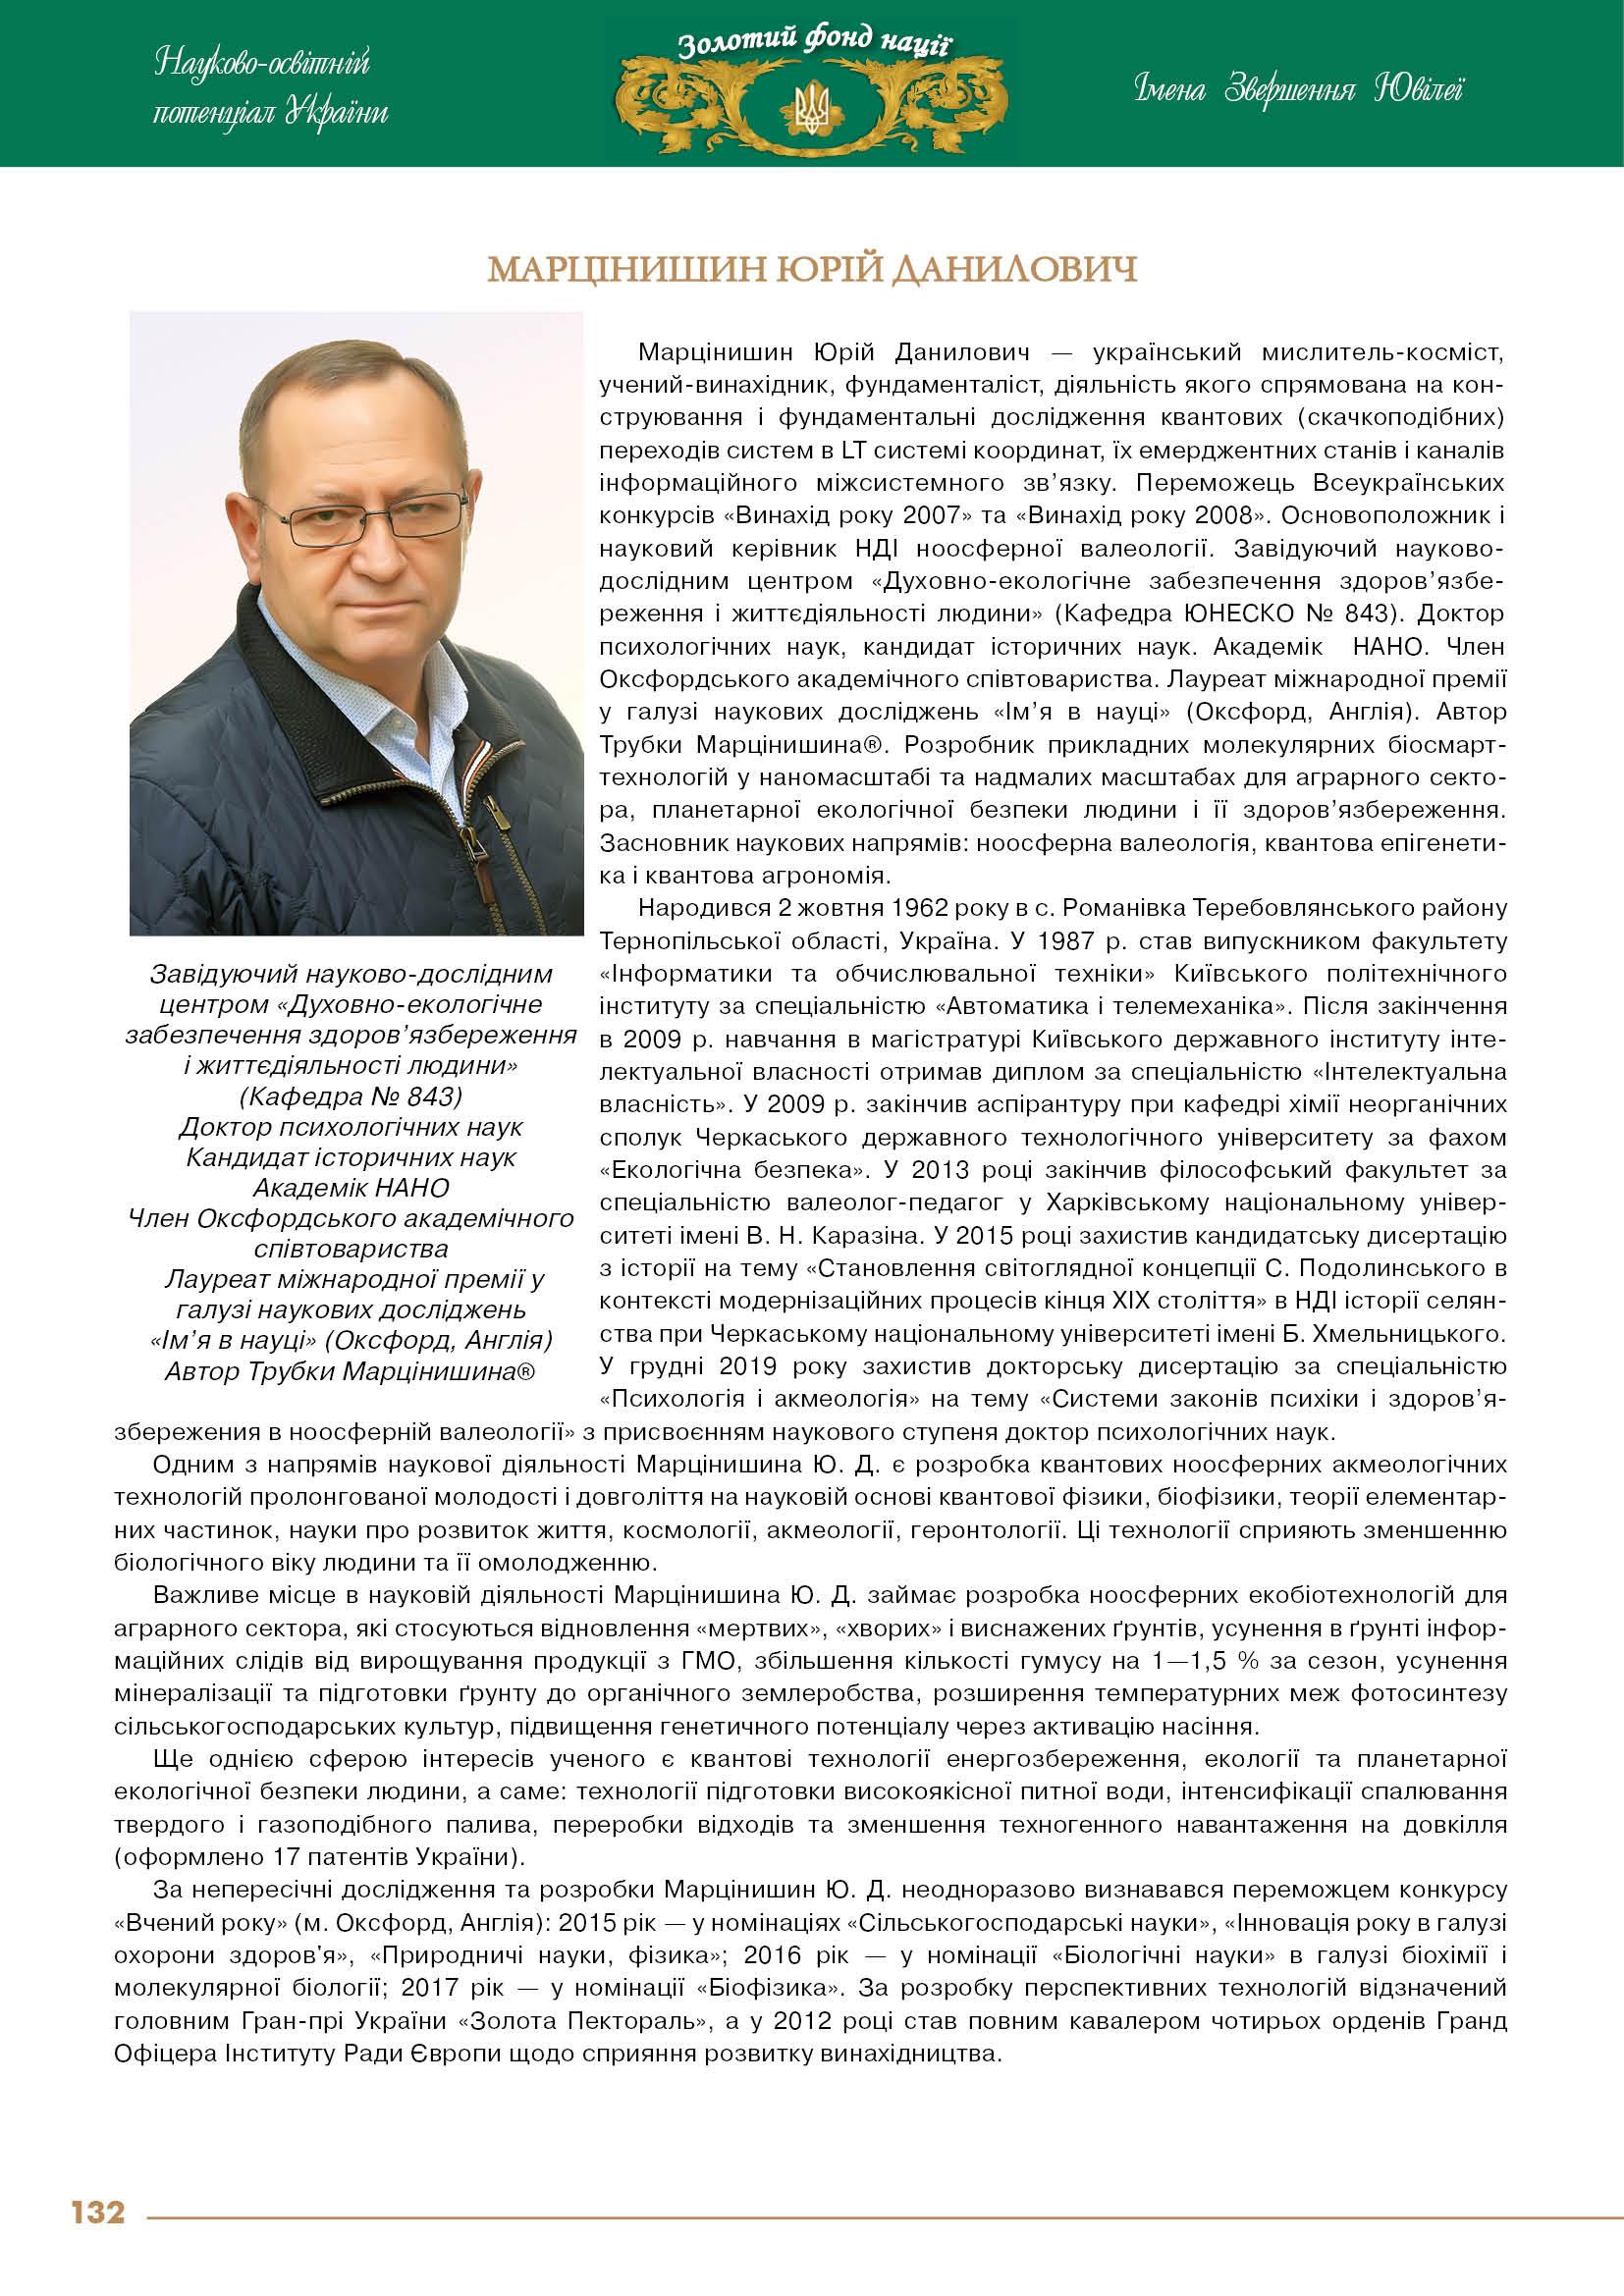 Марцінишин Юрій Данилович